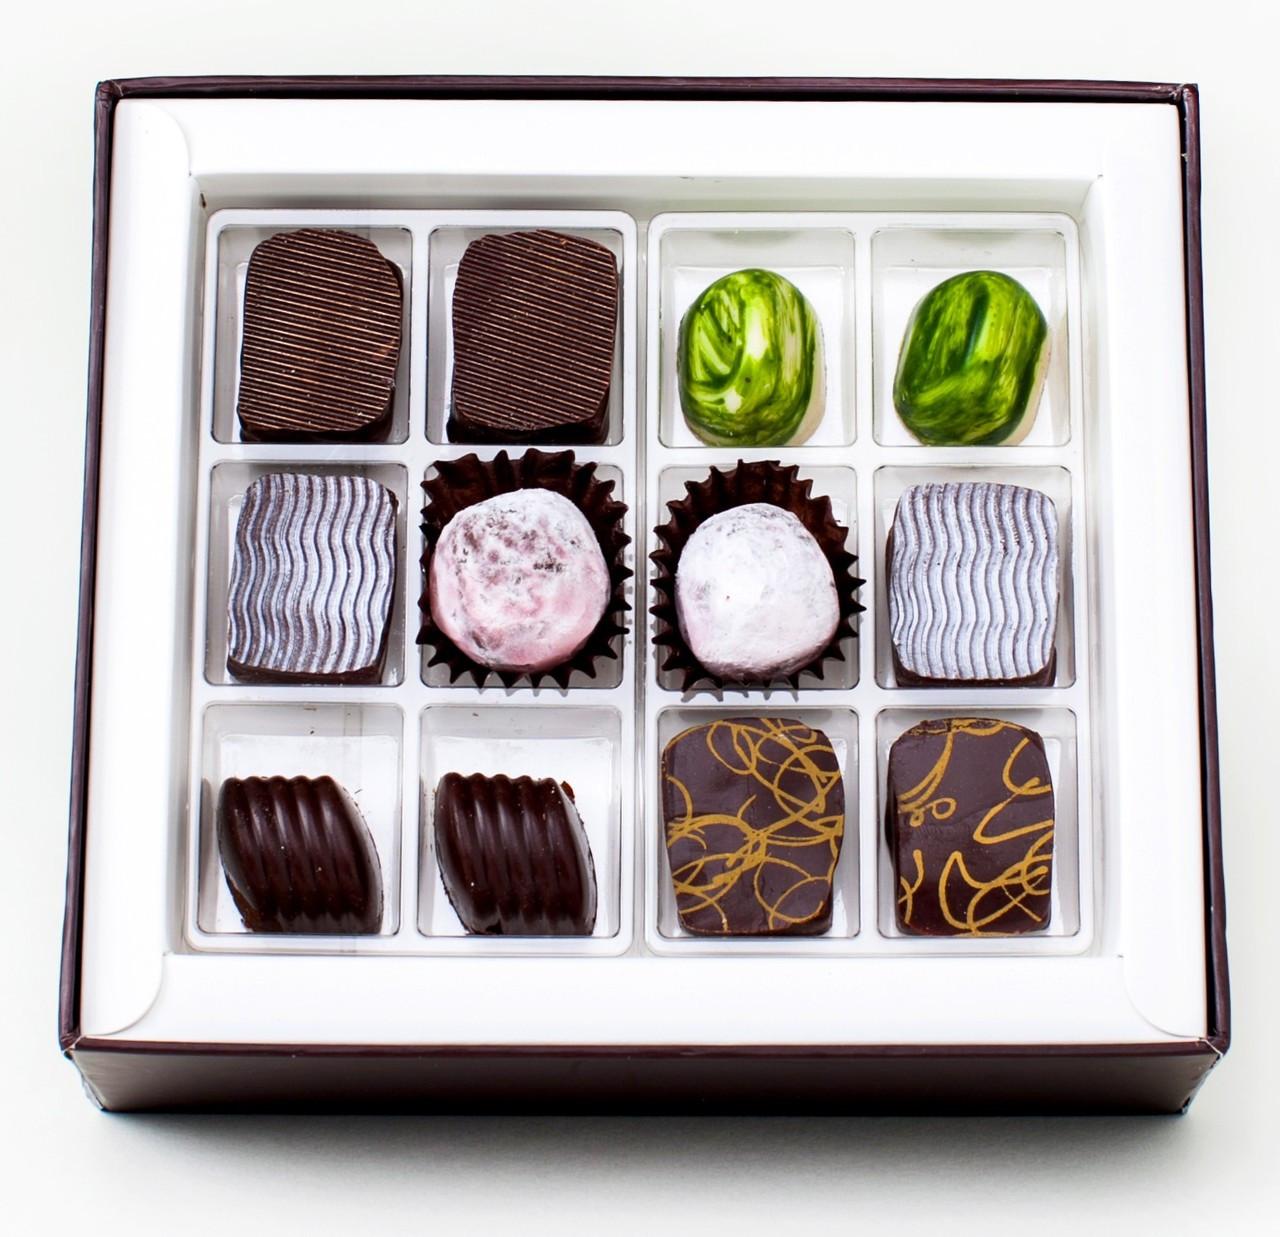 CHOCOLATE & WHITE WINE PAIRING